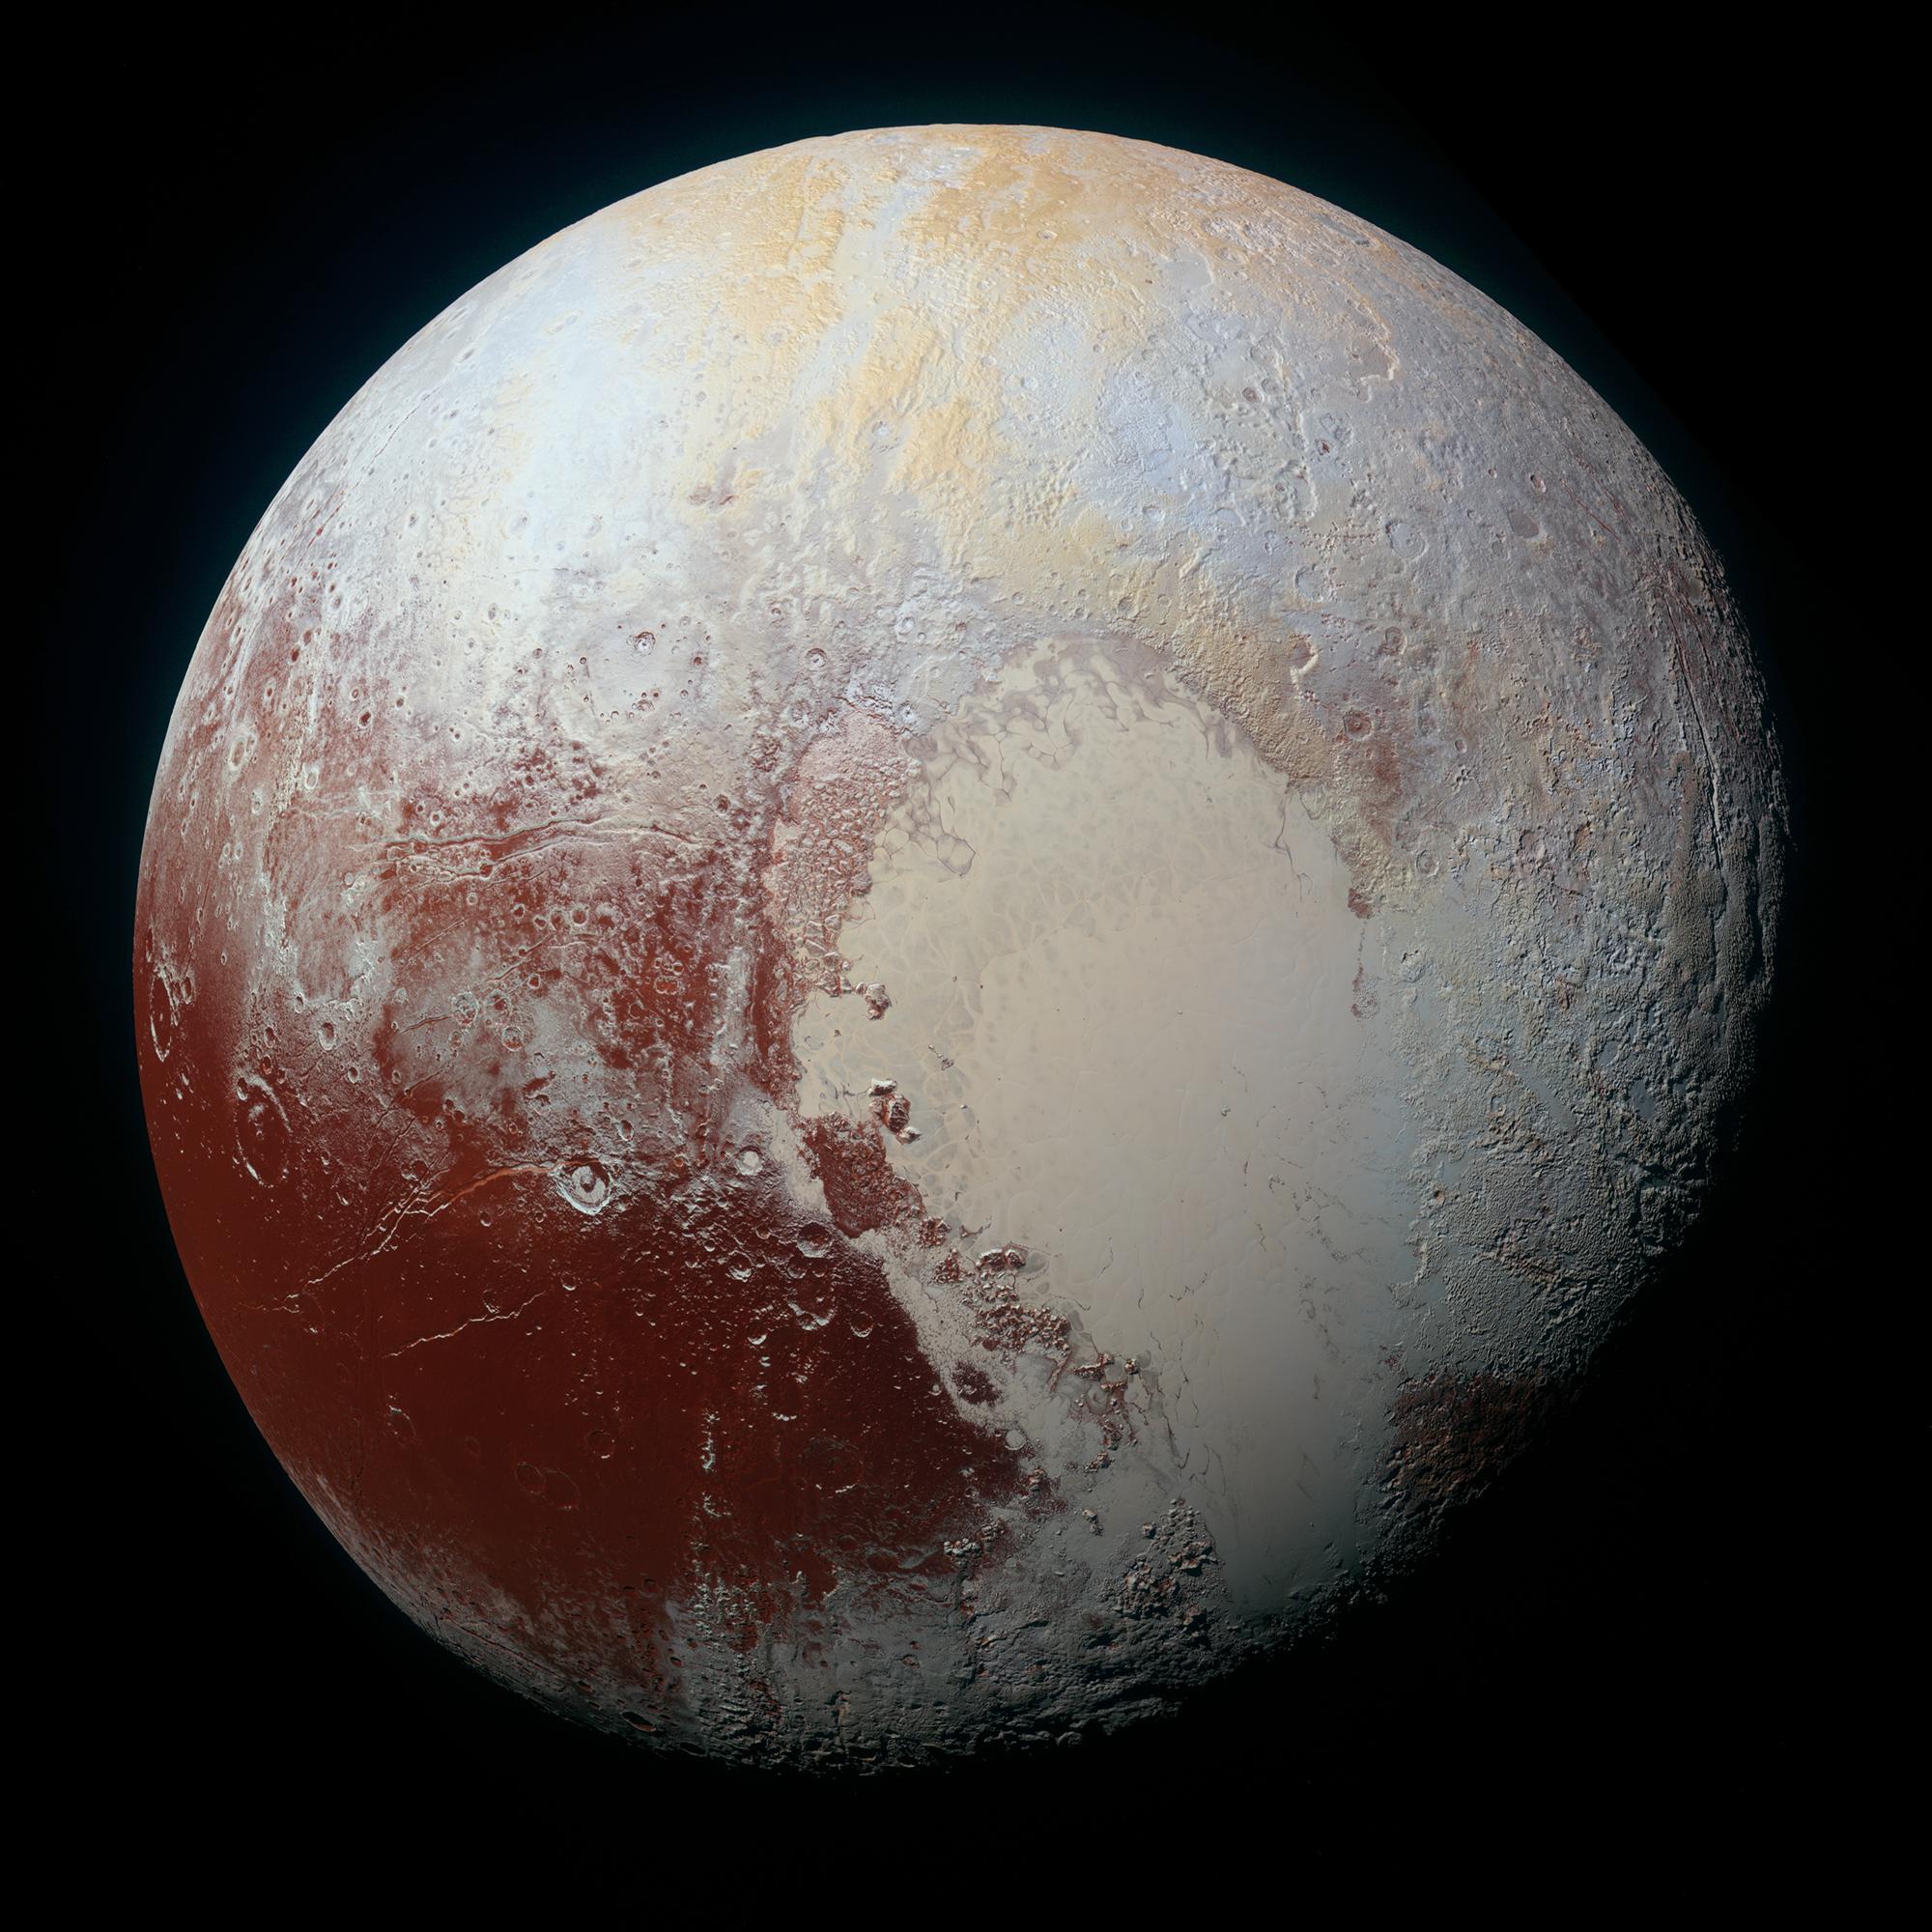 Dva roky po návštěvě Pluta, co všechno jsme se dozvěděli o této trpasličí planetě?